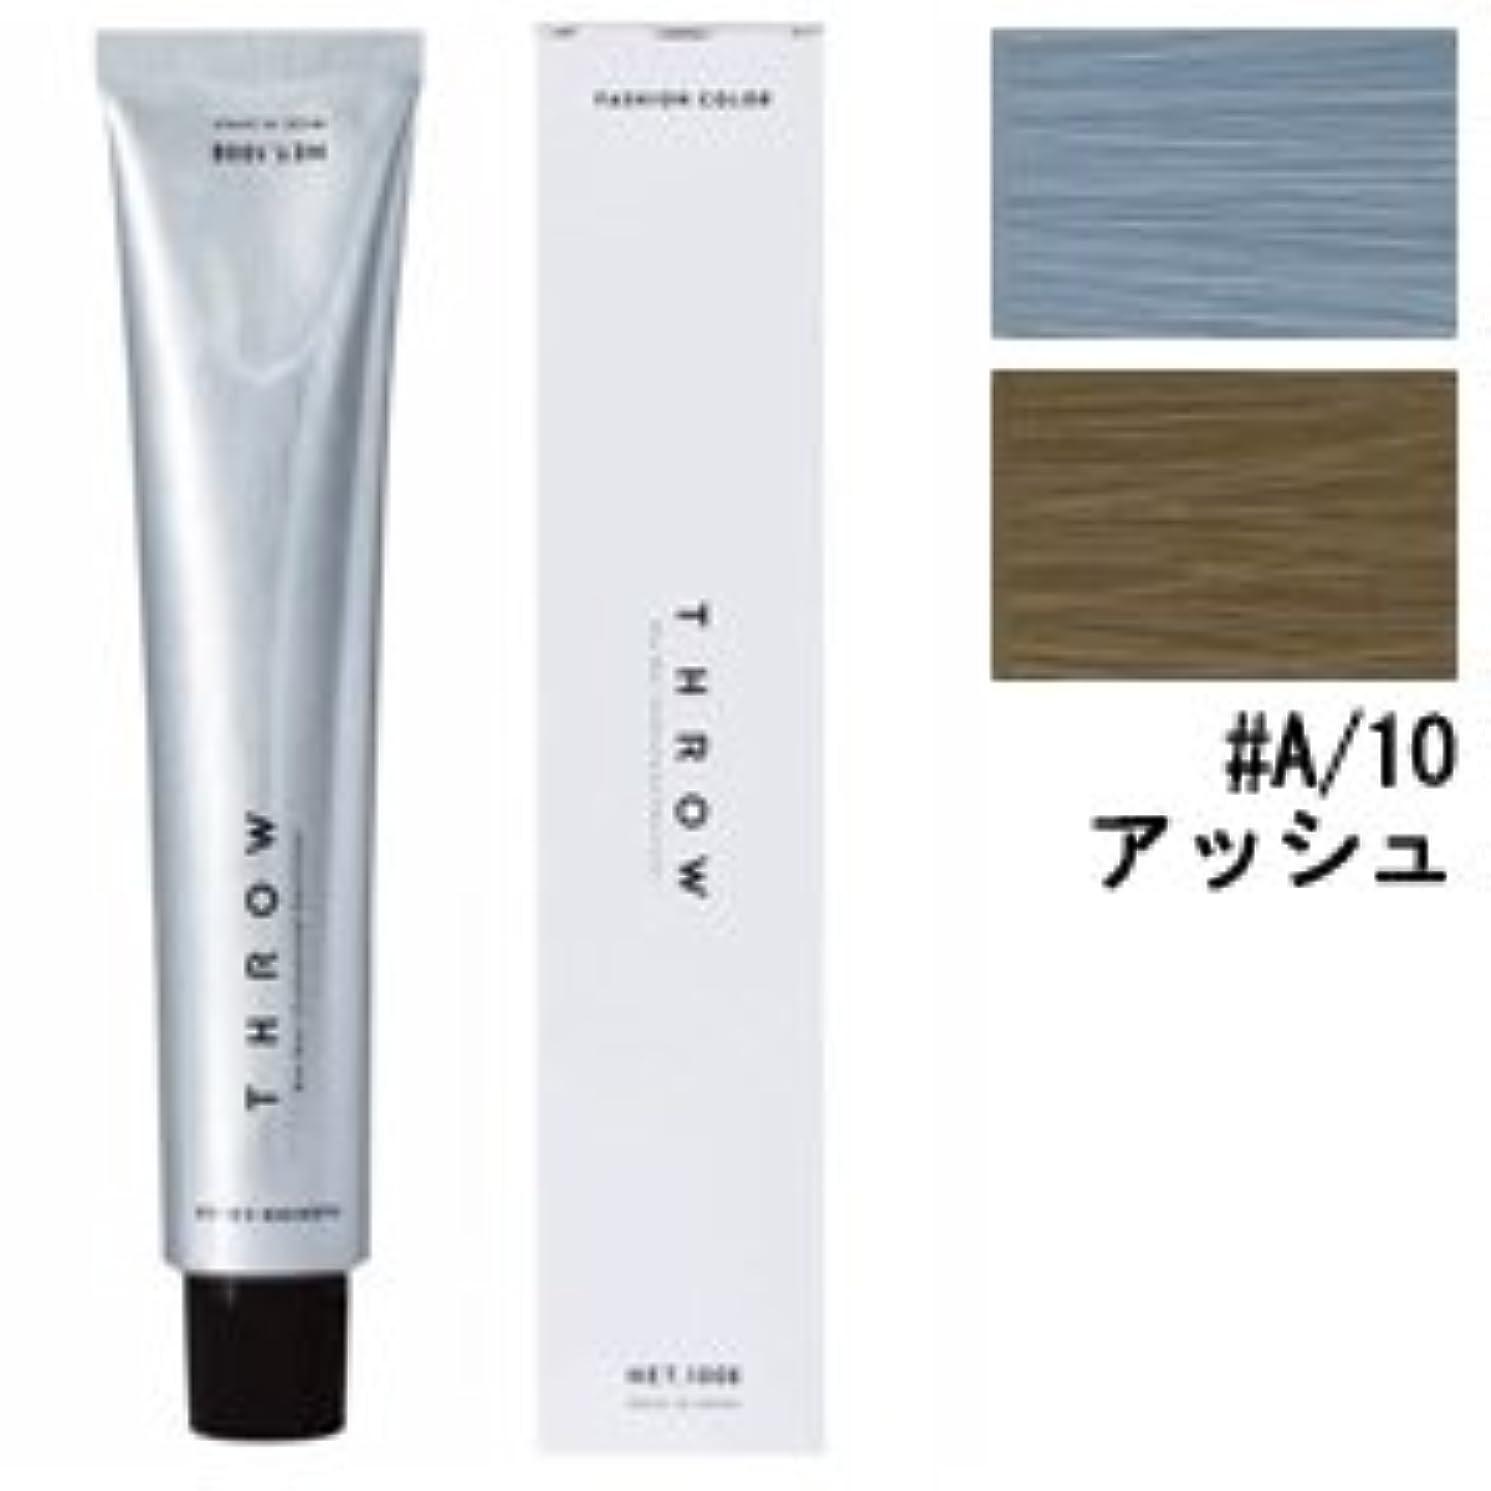 配送含むによって【モルトベーネ】スロウ ファッションカラー #A/10 アッシュ 100g